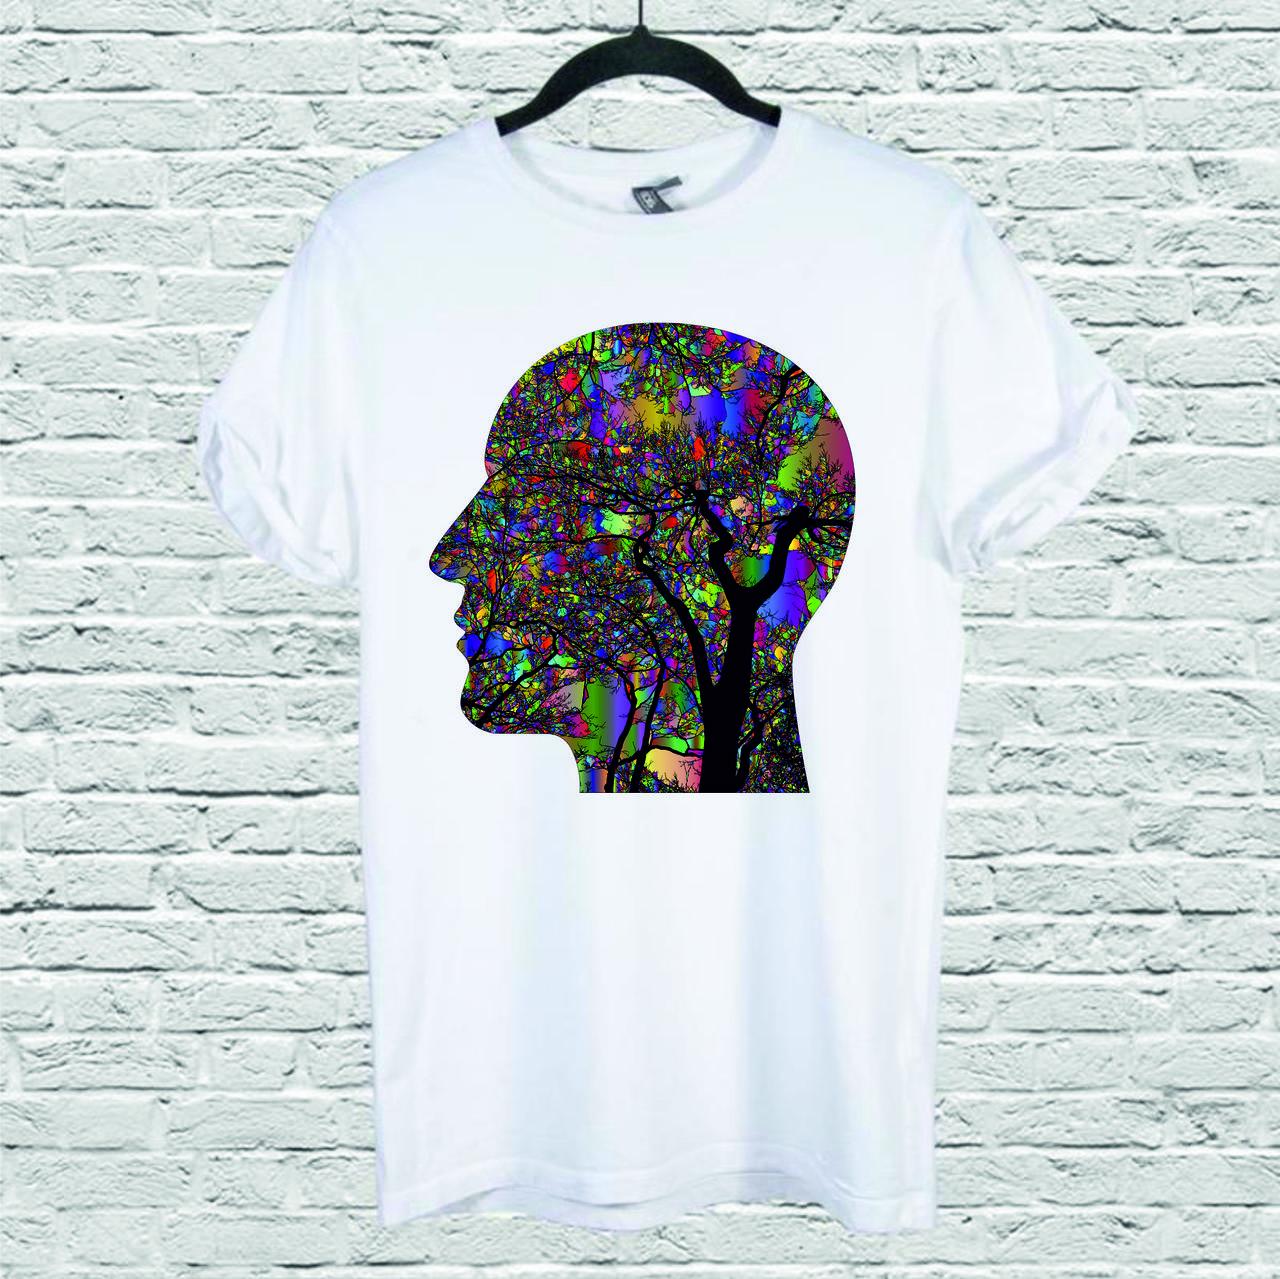 Футболка YOUstyle Brain2 0113 L White